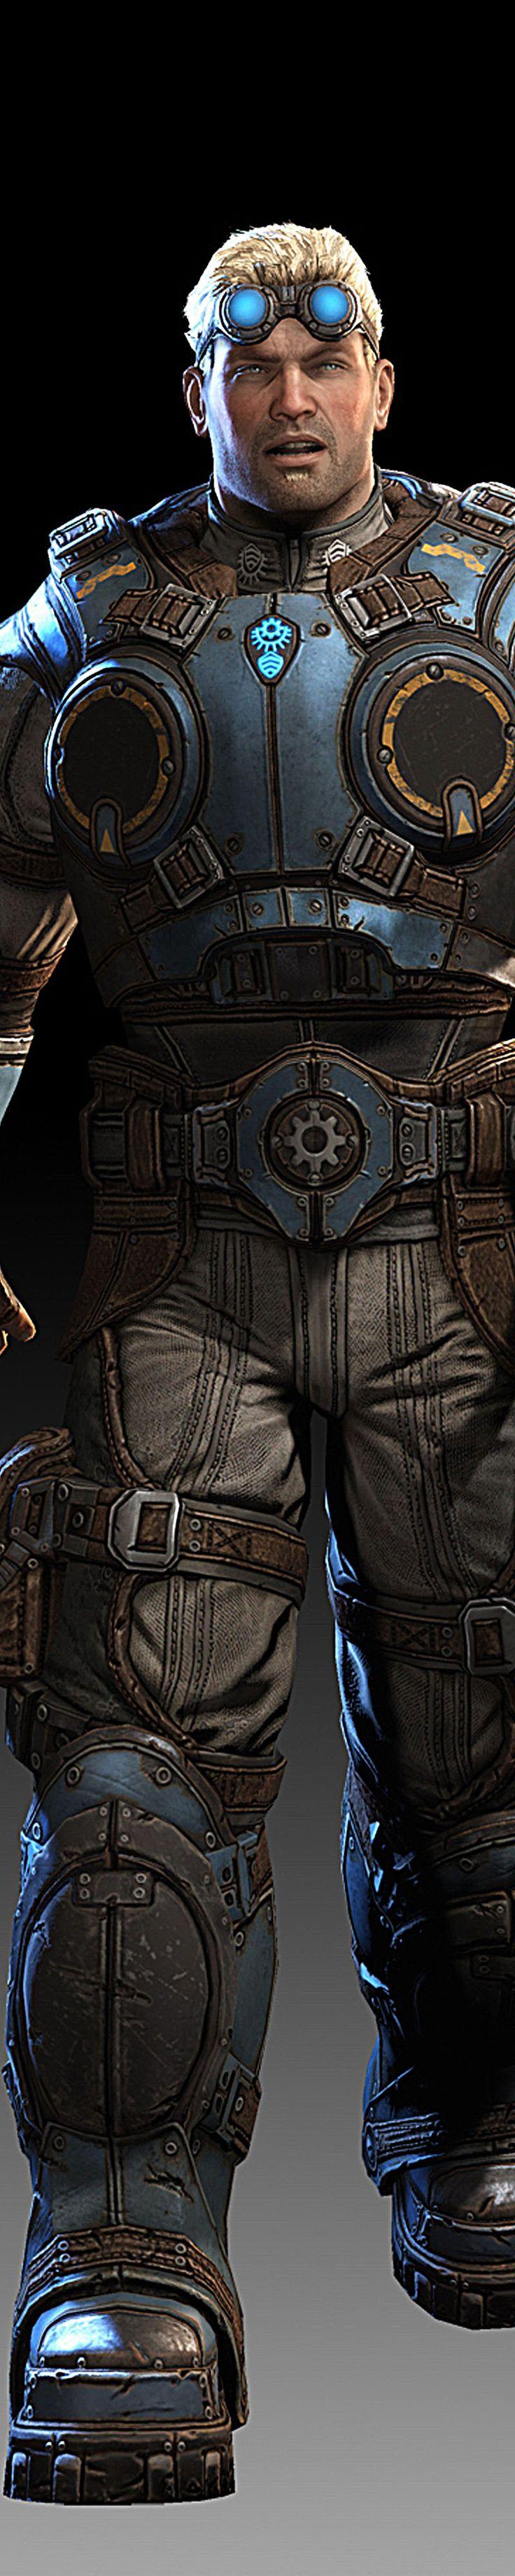 Gears Of War Judgement... Baird is looking even hotter!